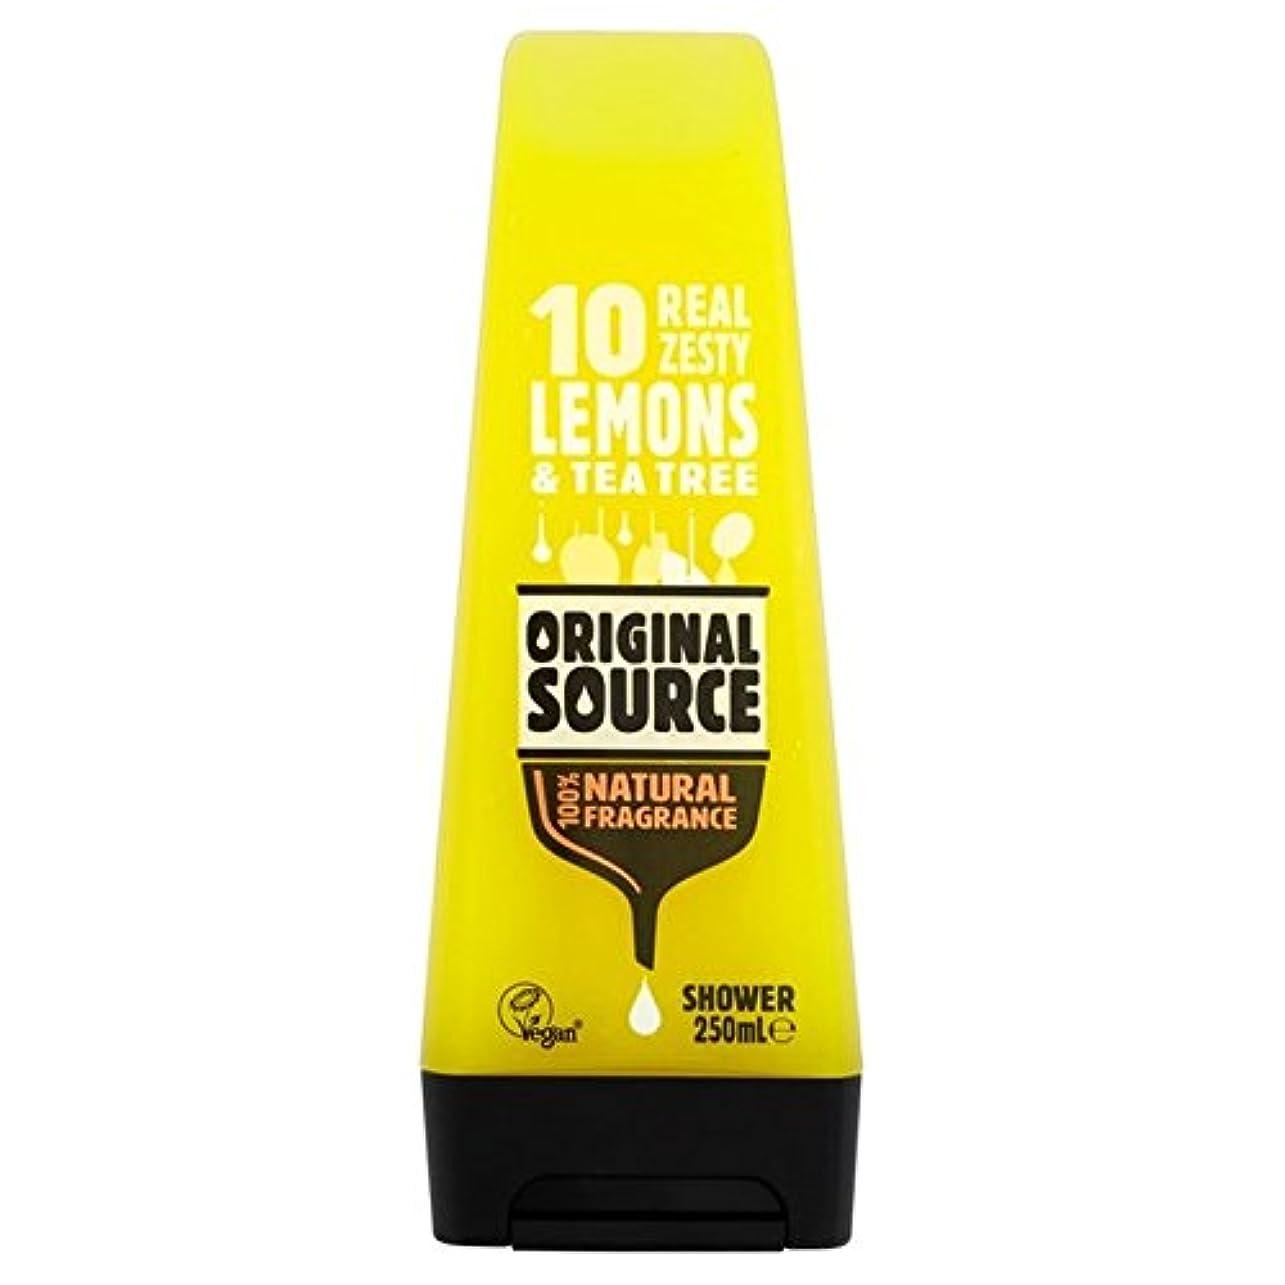 オセアニア再現するストレンジャーOriginal Source Lemon Shower Gel 250ml - 元のソースのレモンシャワージェル250ミリリットル [並行輸入品]